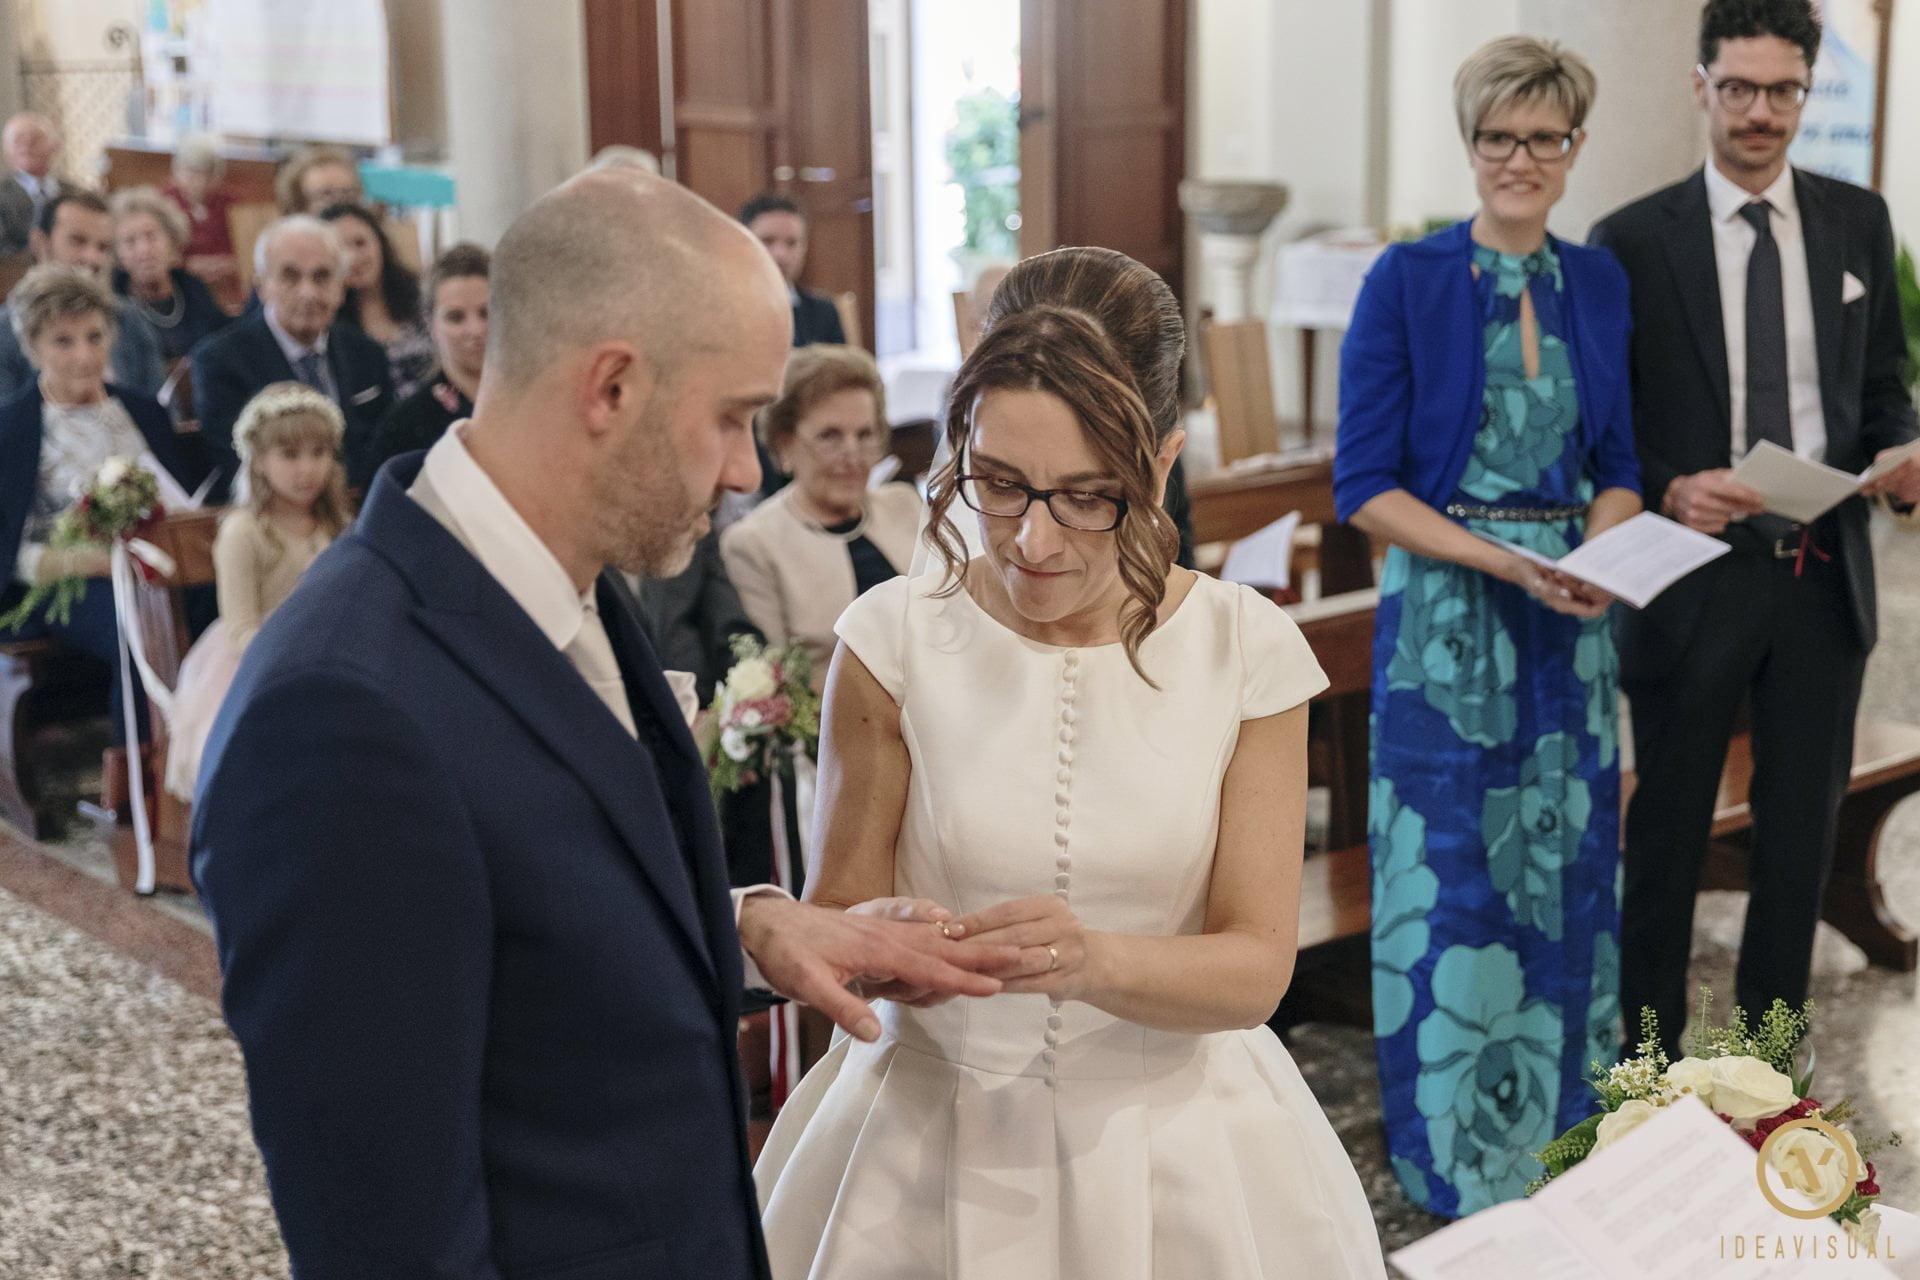 scambio fedi sposi chiesa matrimonio pasiano pordenone